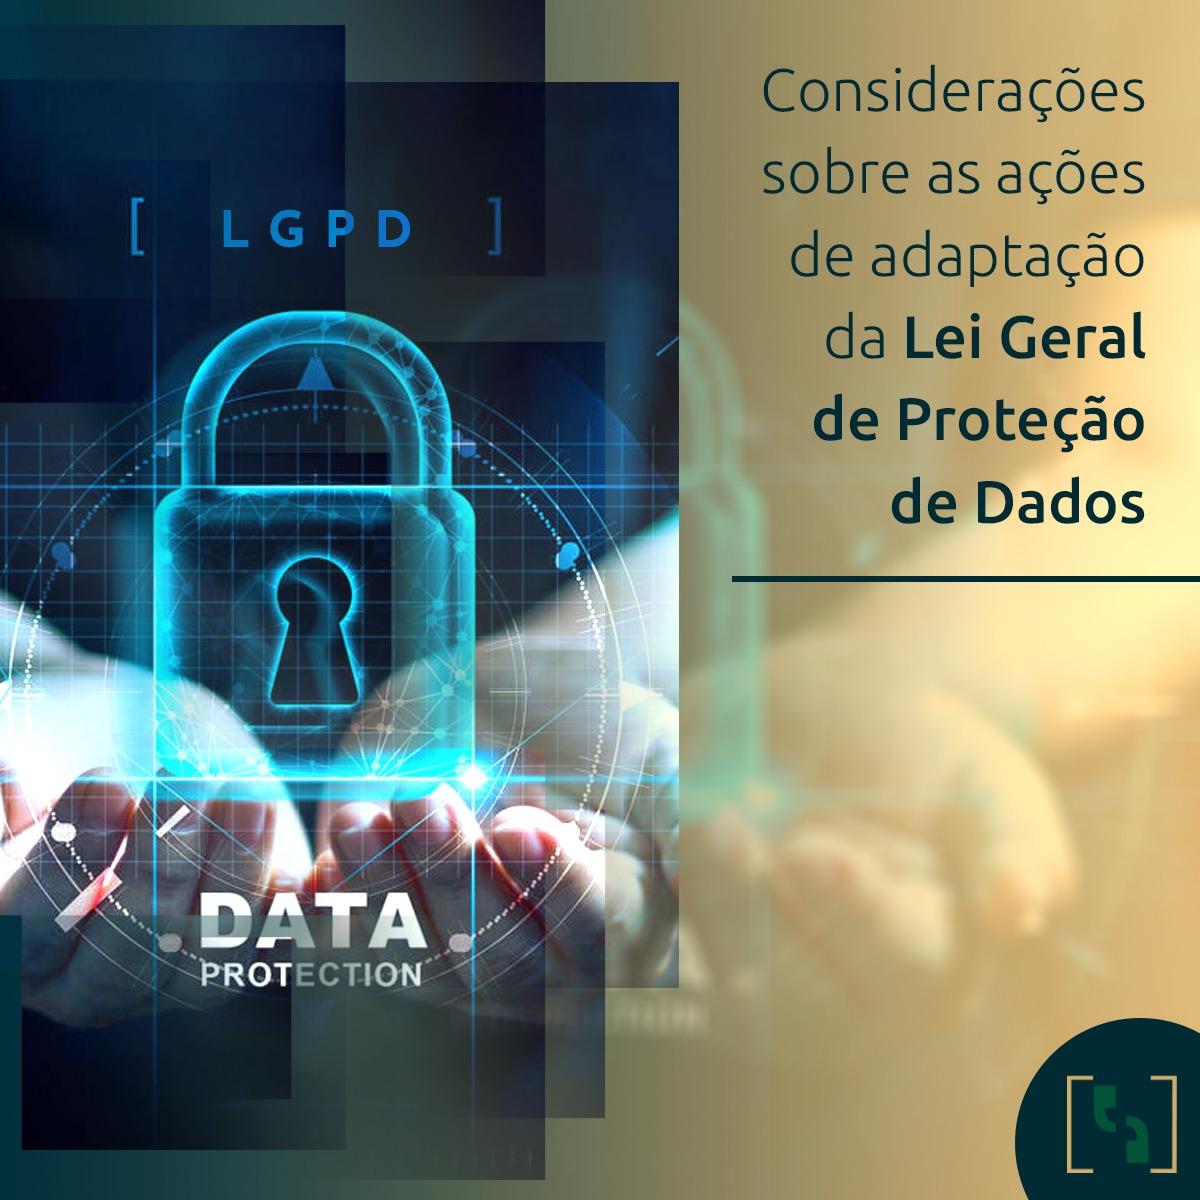 Considerações sobre as ações de adaptação à Lei Geral de Proteção de Dados